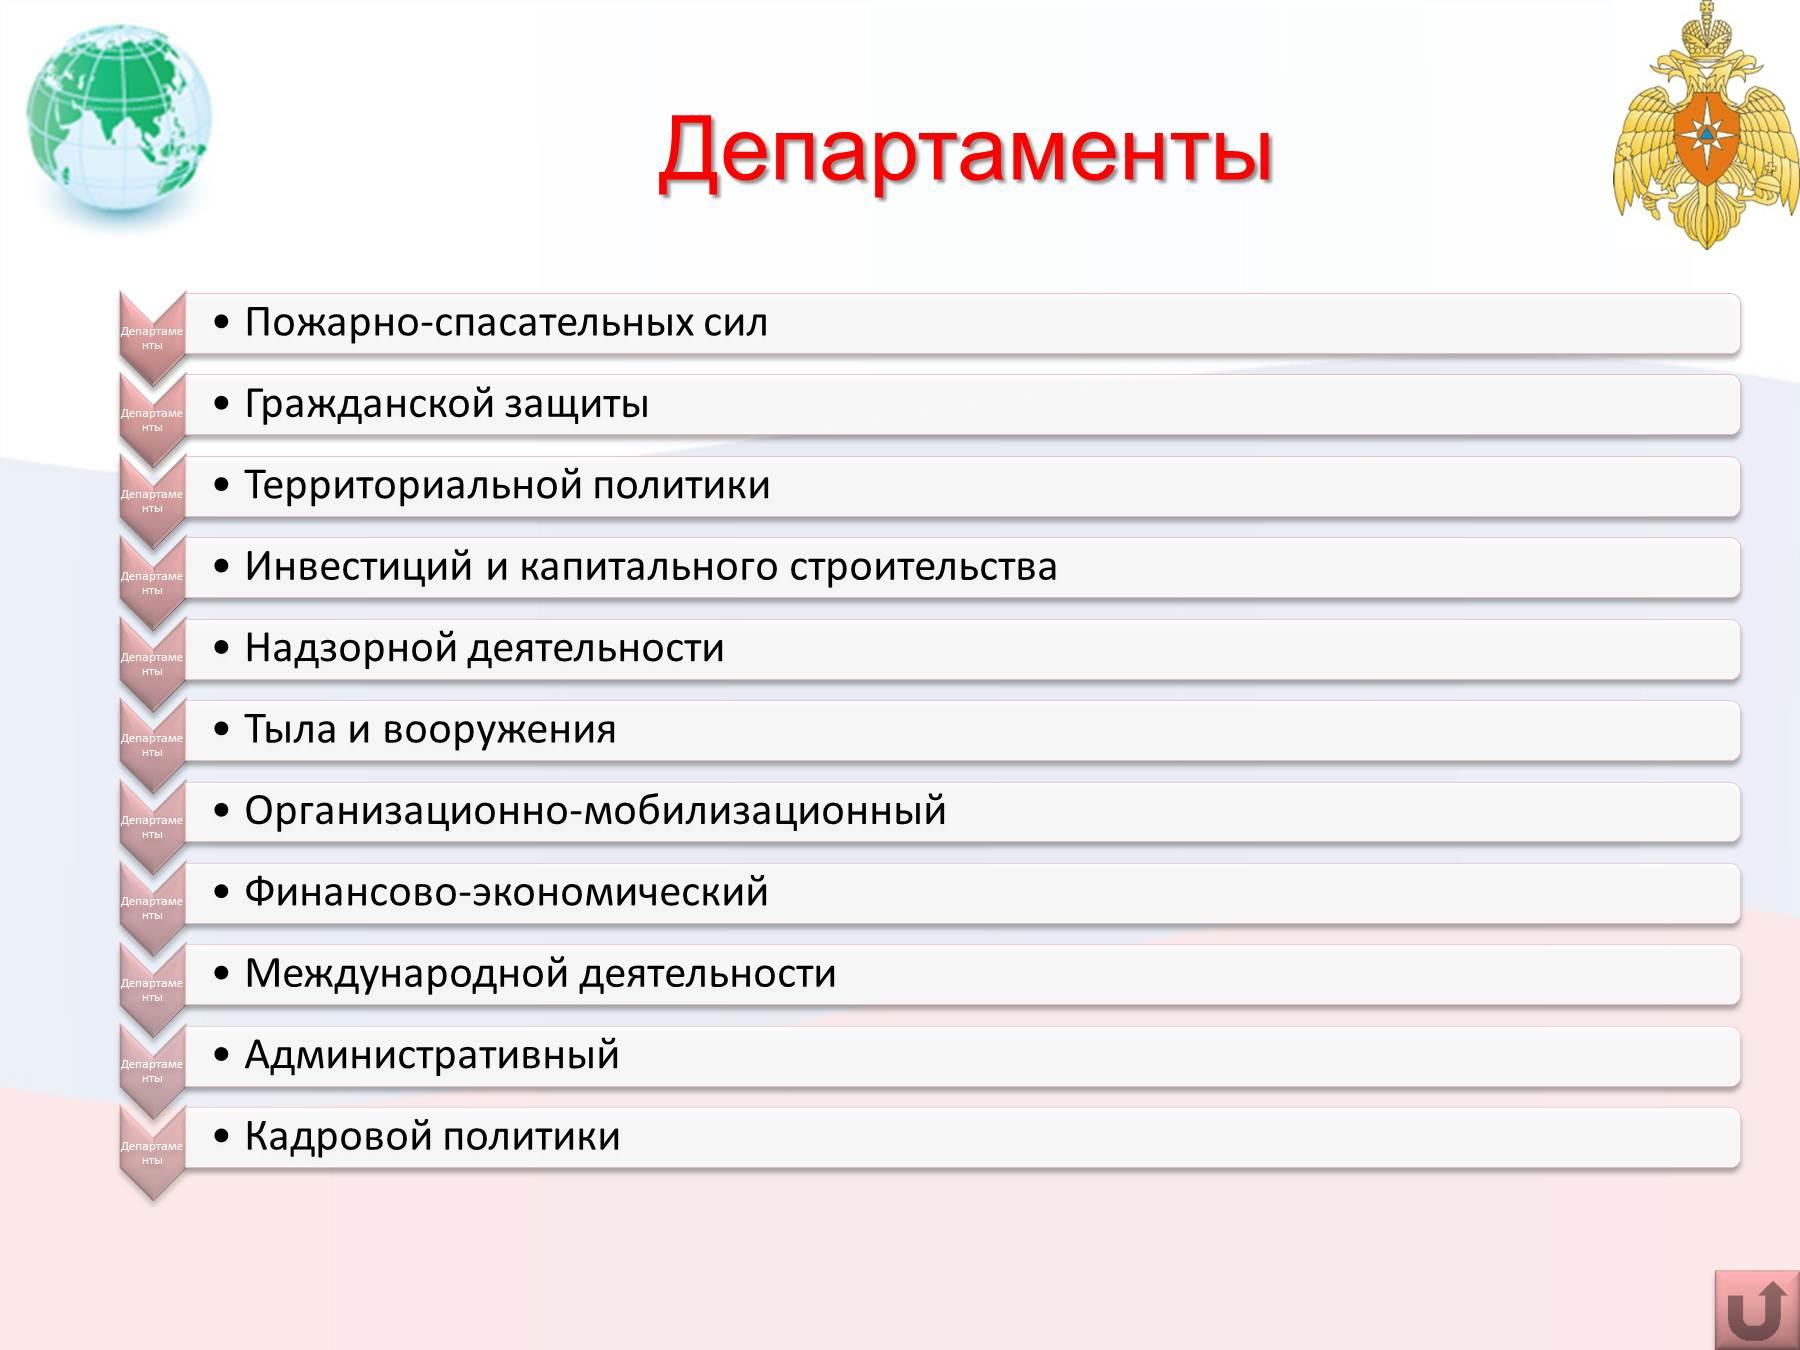 Скачать презентации на тему мчс россии